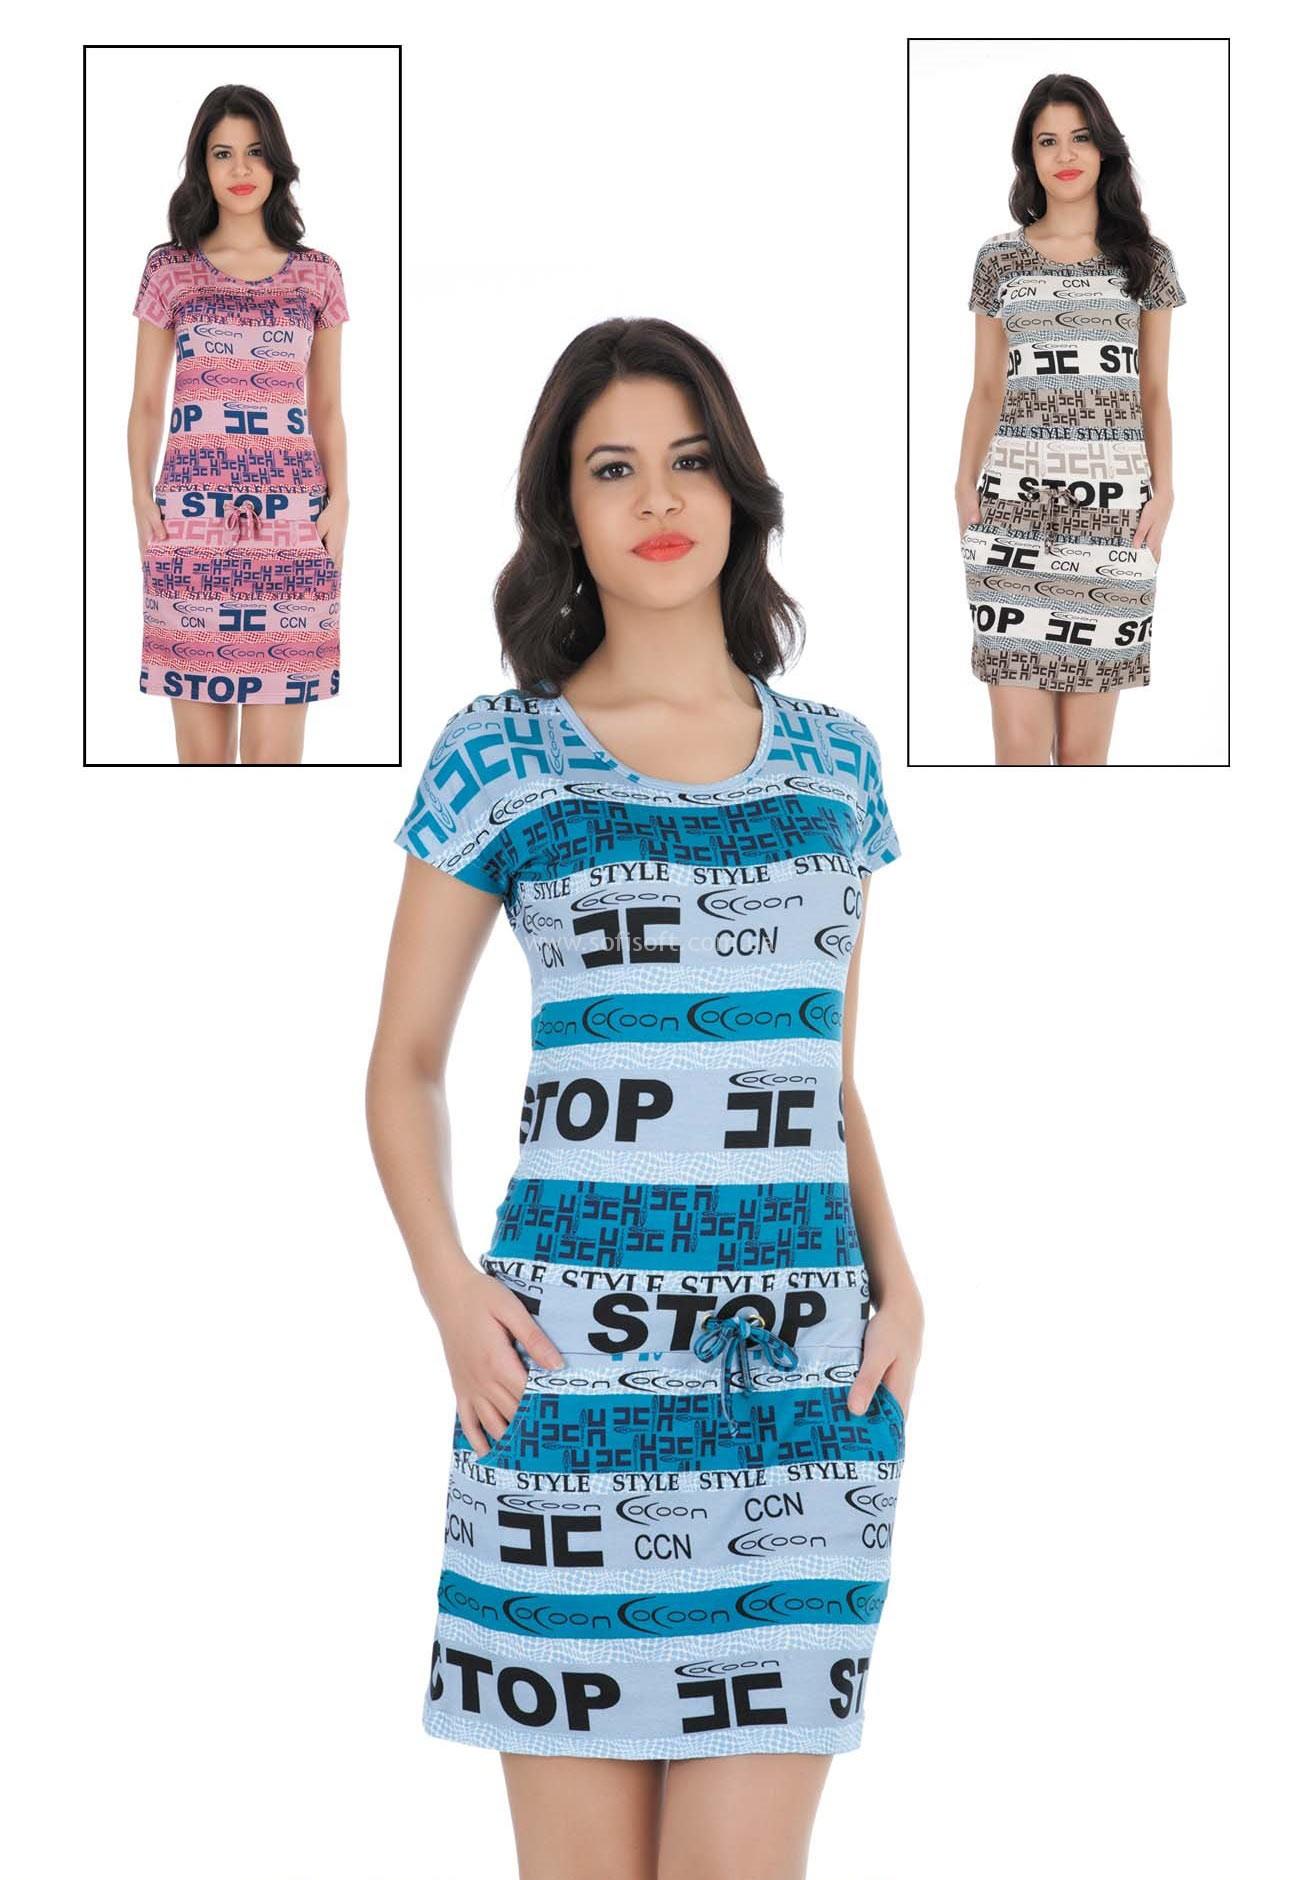 недорогая женская одежда наложенным платежом с доставкой по россии